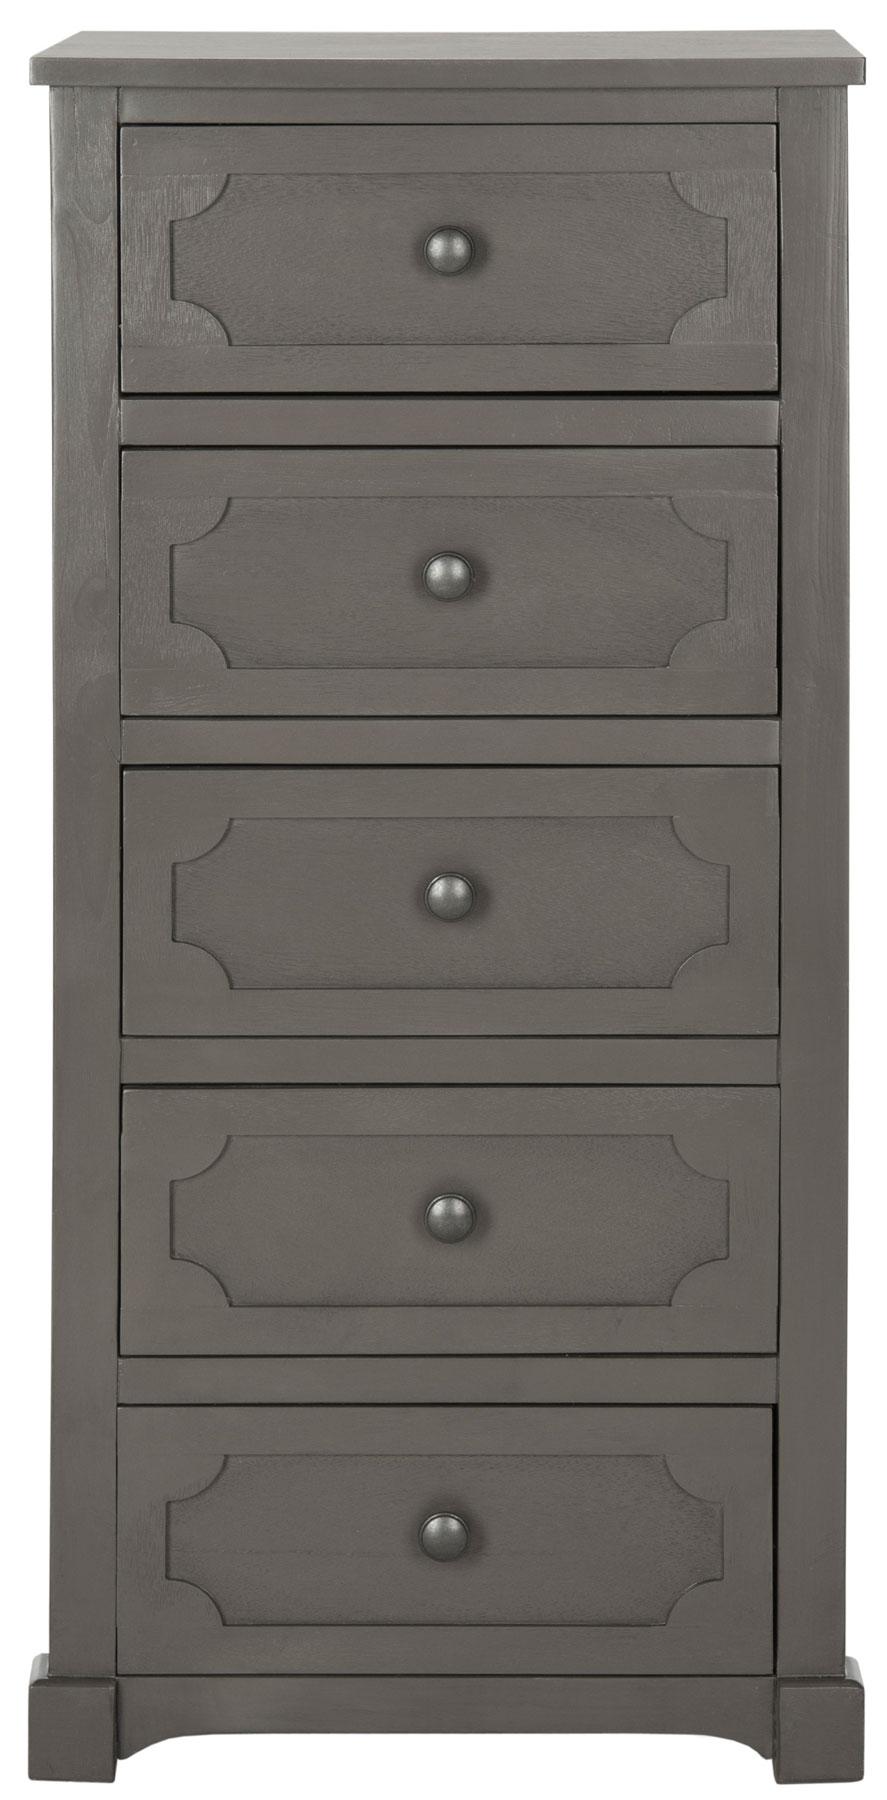 Commode 5 tiroirs en bois de pin gris